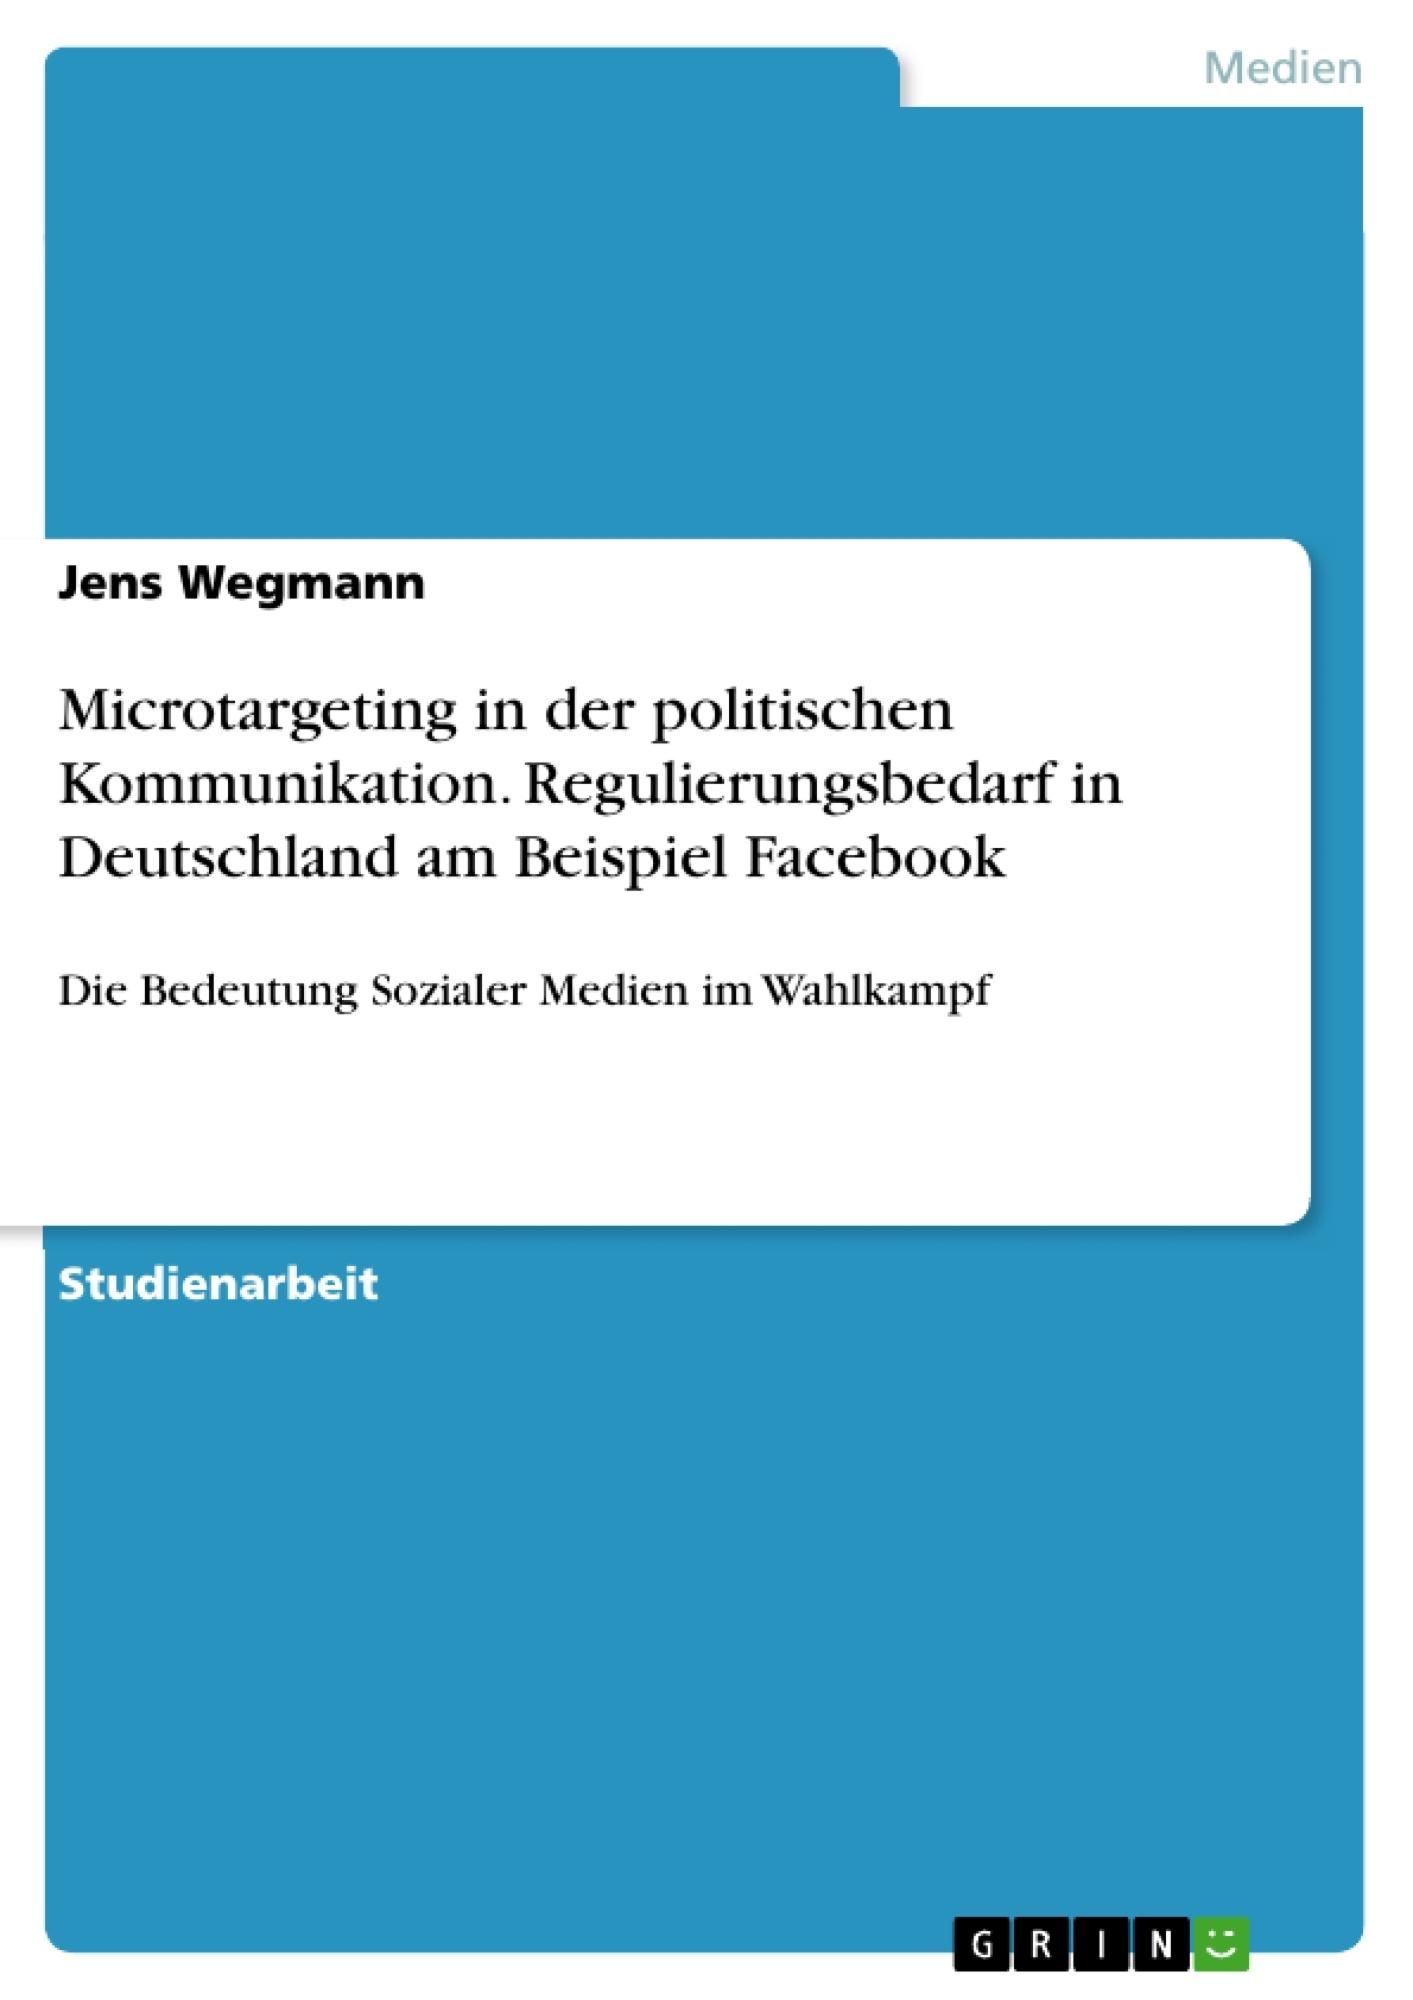 Titel: Microtargeting in der politischen Kommunikation. Regulierungsbedarf in Deutschland am Beispiel Facebook